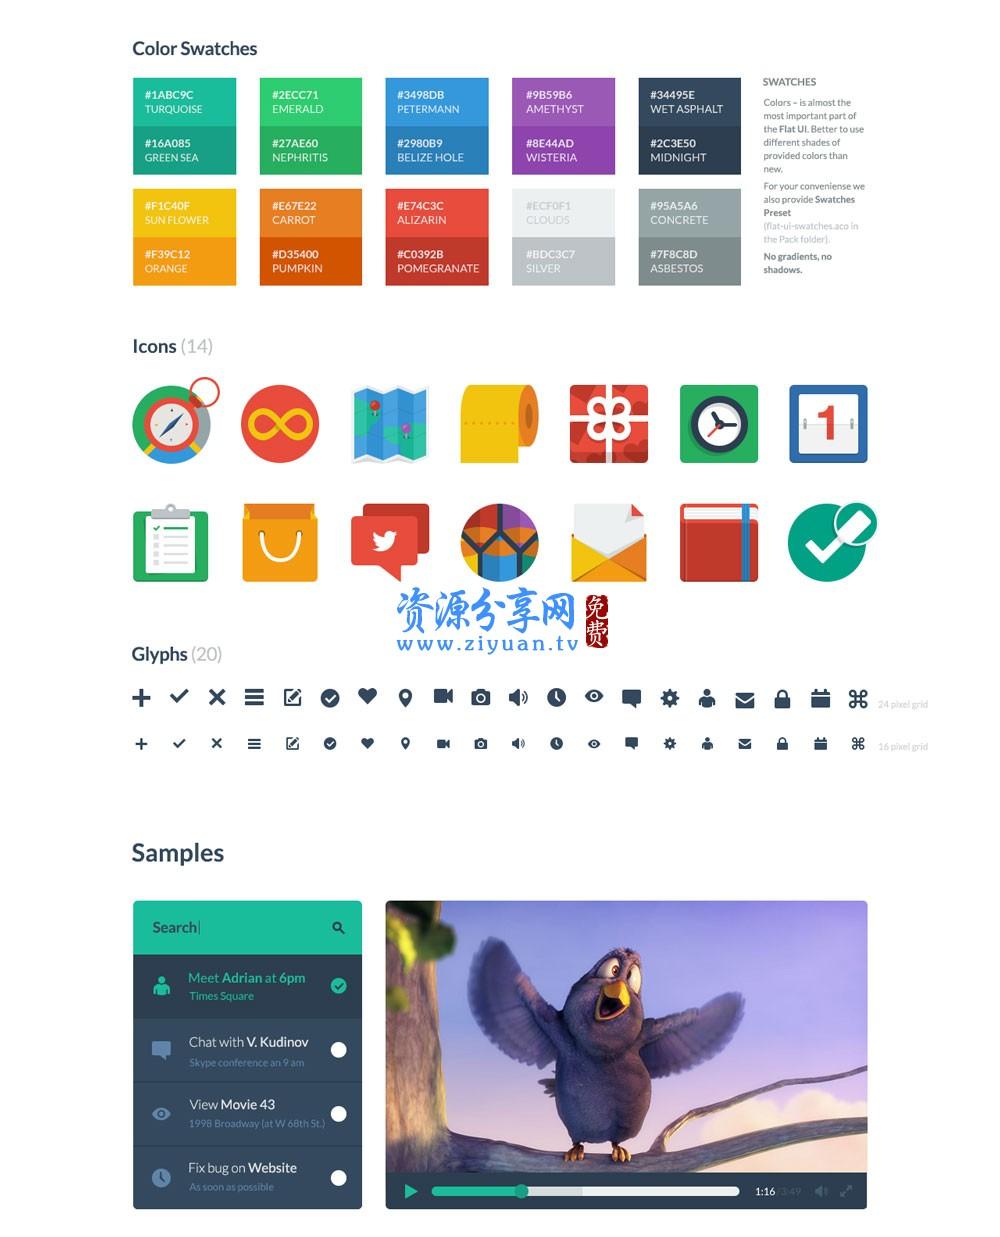 Flat UI 界面工具 v2.4.0 基于 Twitter Bootstrap 实现的精美的扁平风格 UI 工具包